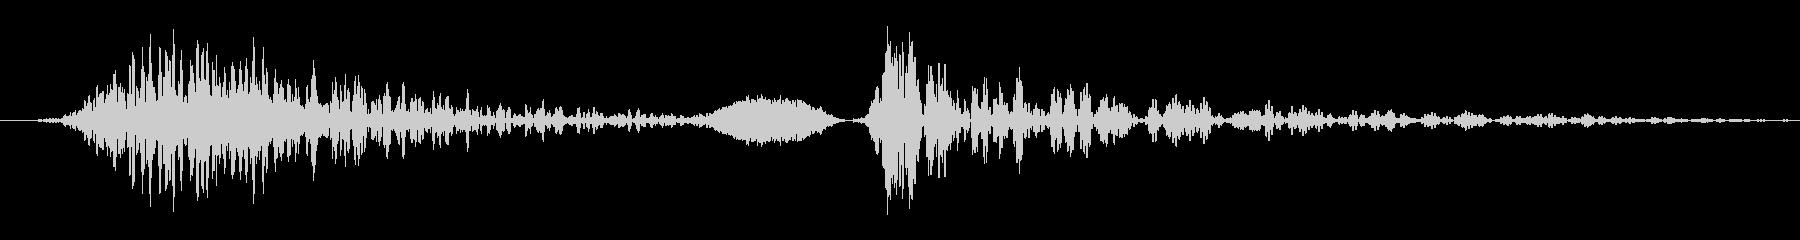 北極の蝶、メタルティンジェットサブ...の未再生の波形